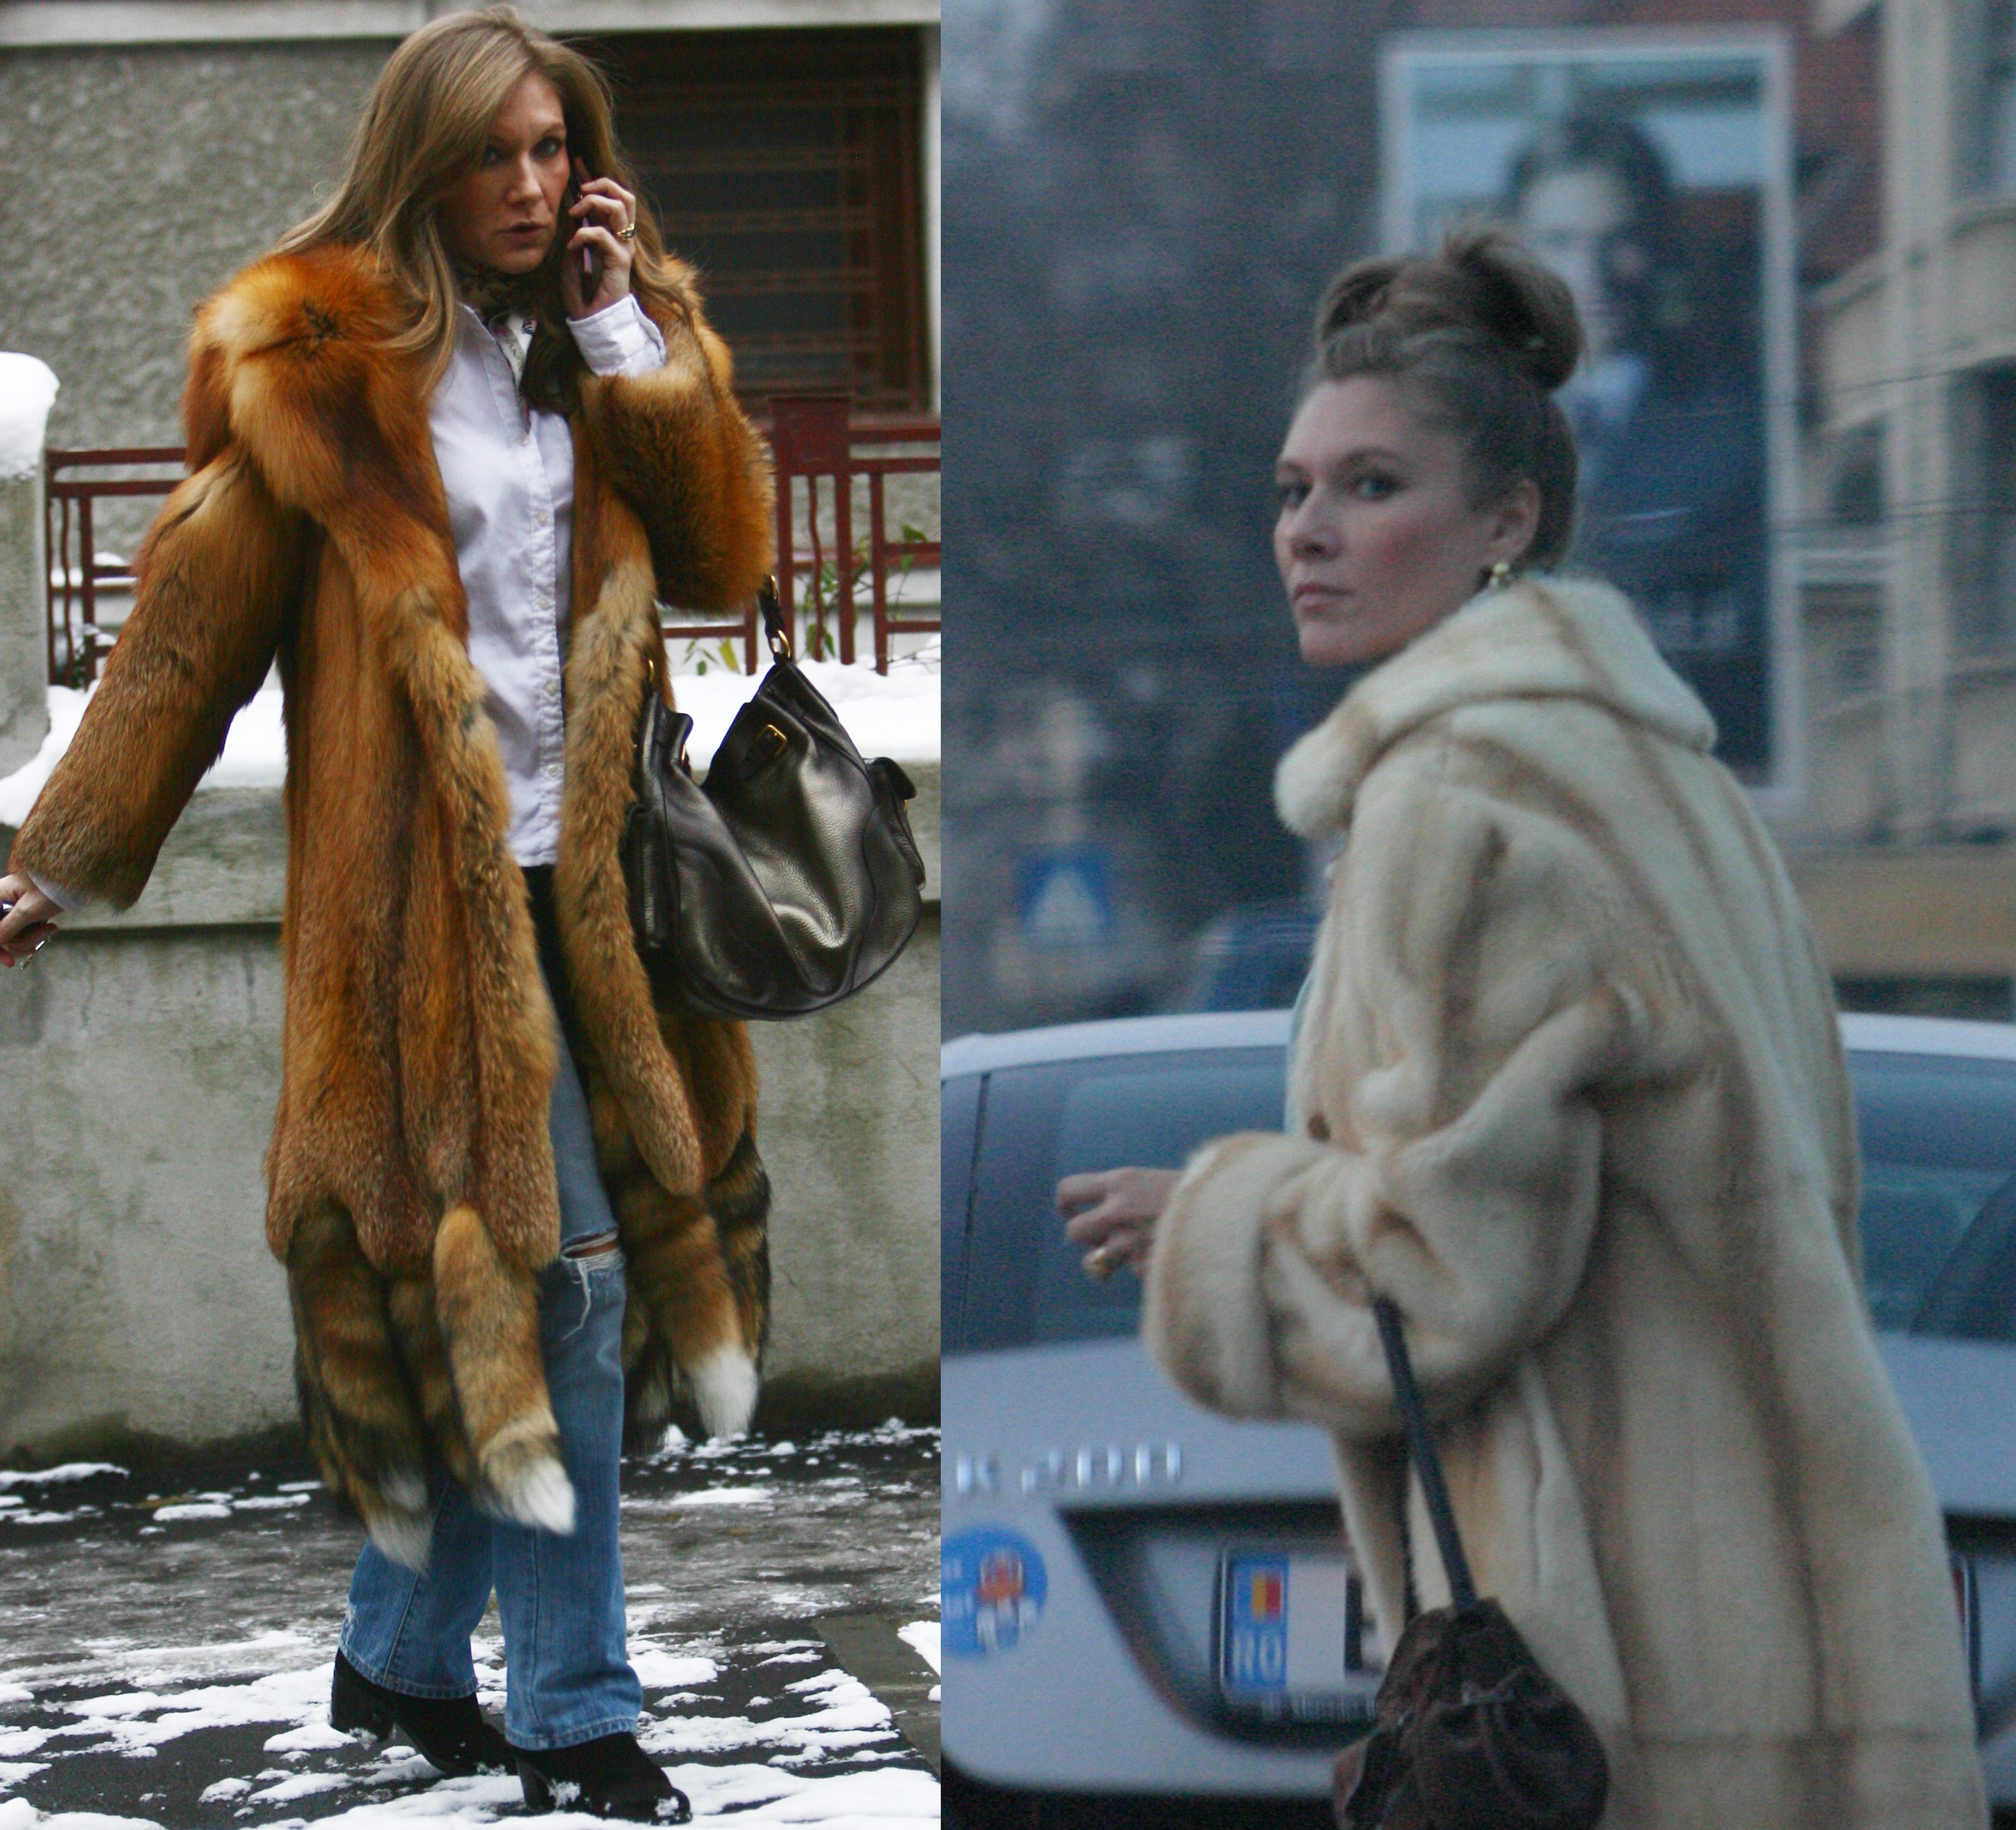 Creatoarea de moda are in garderoba multe haine de blana, de care este nedespartita in sezonul rece